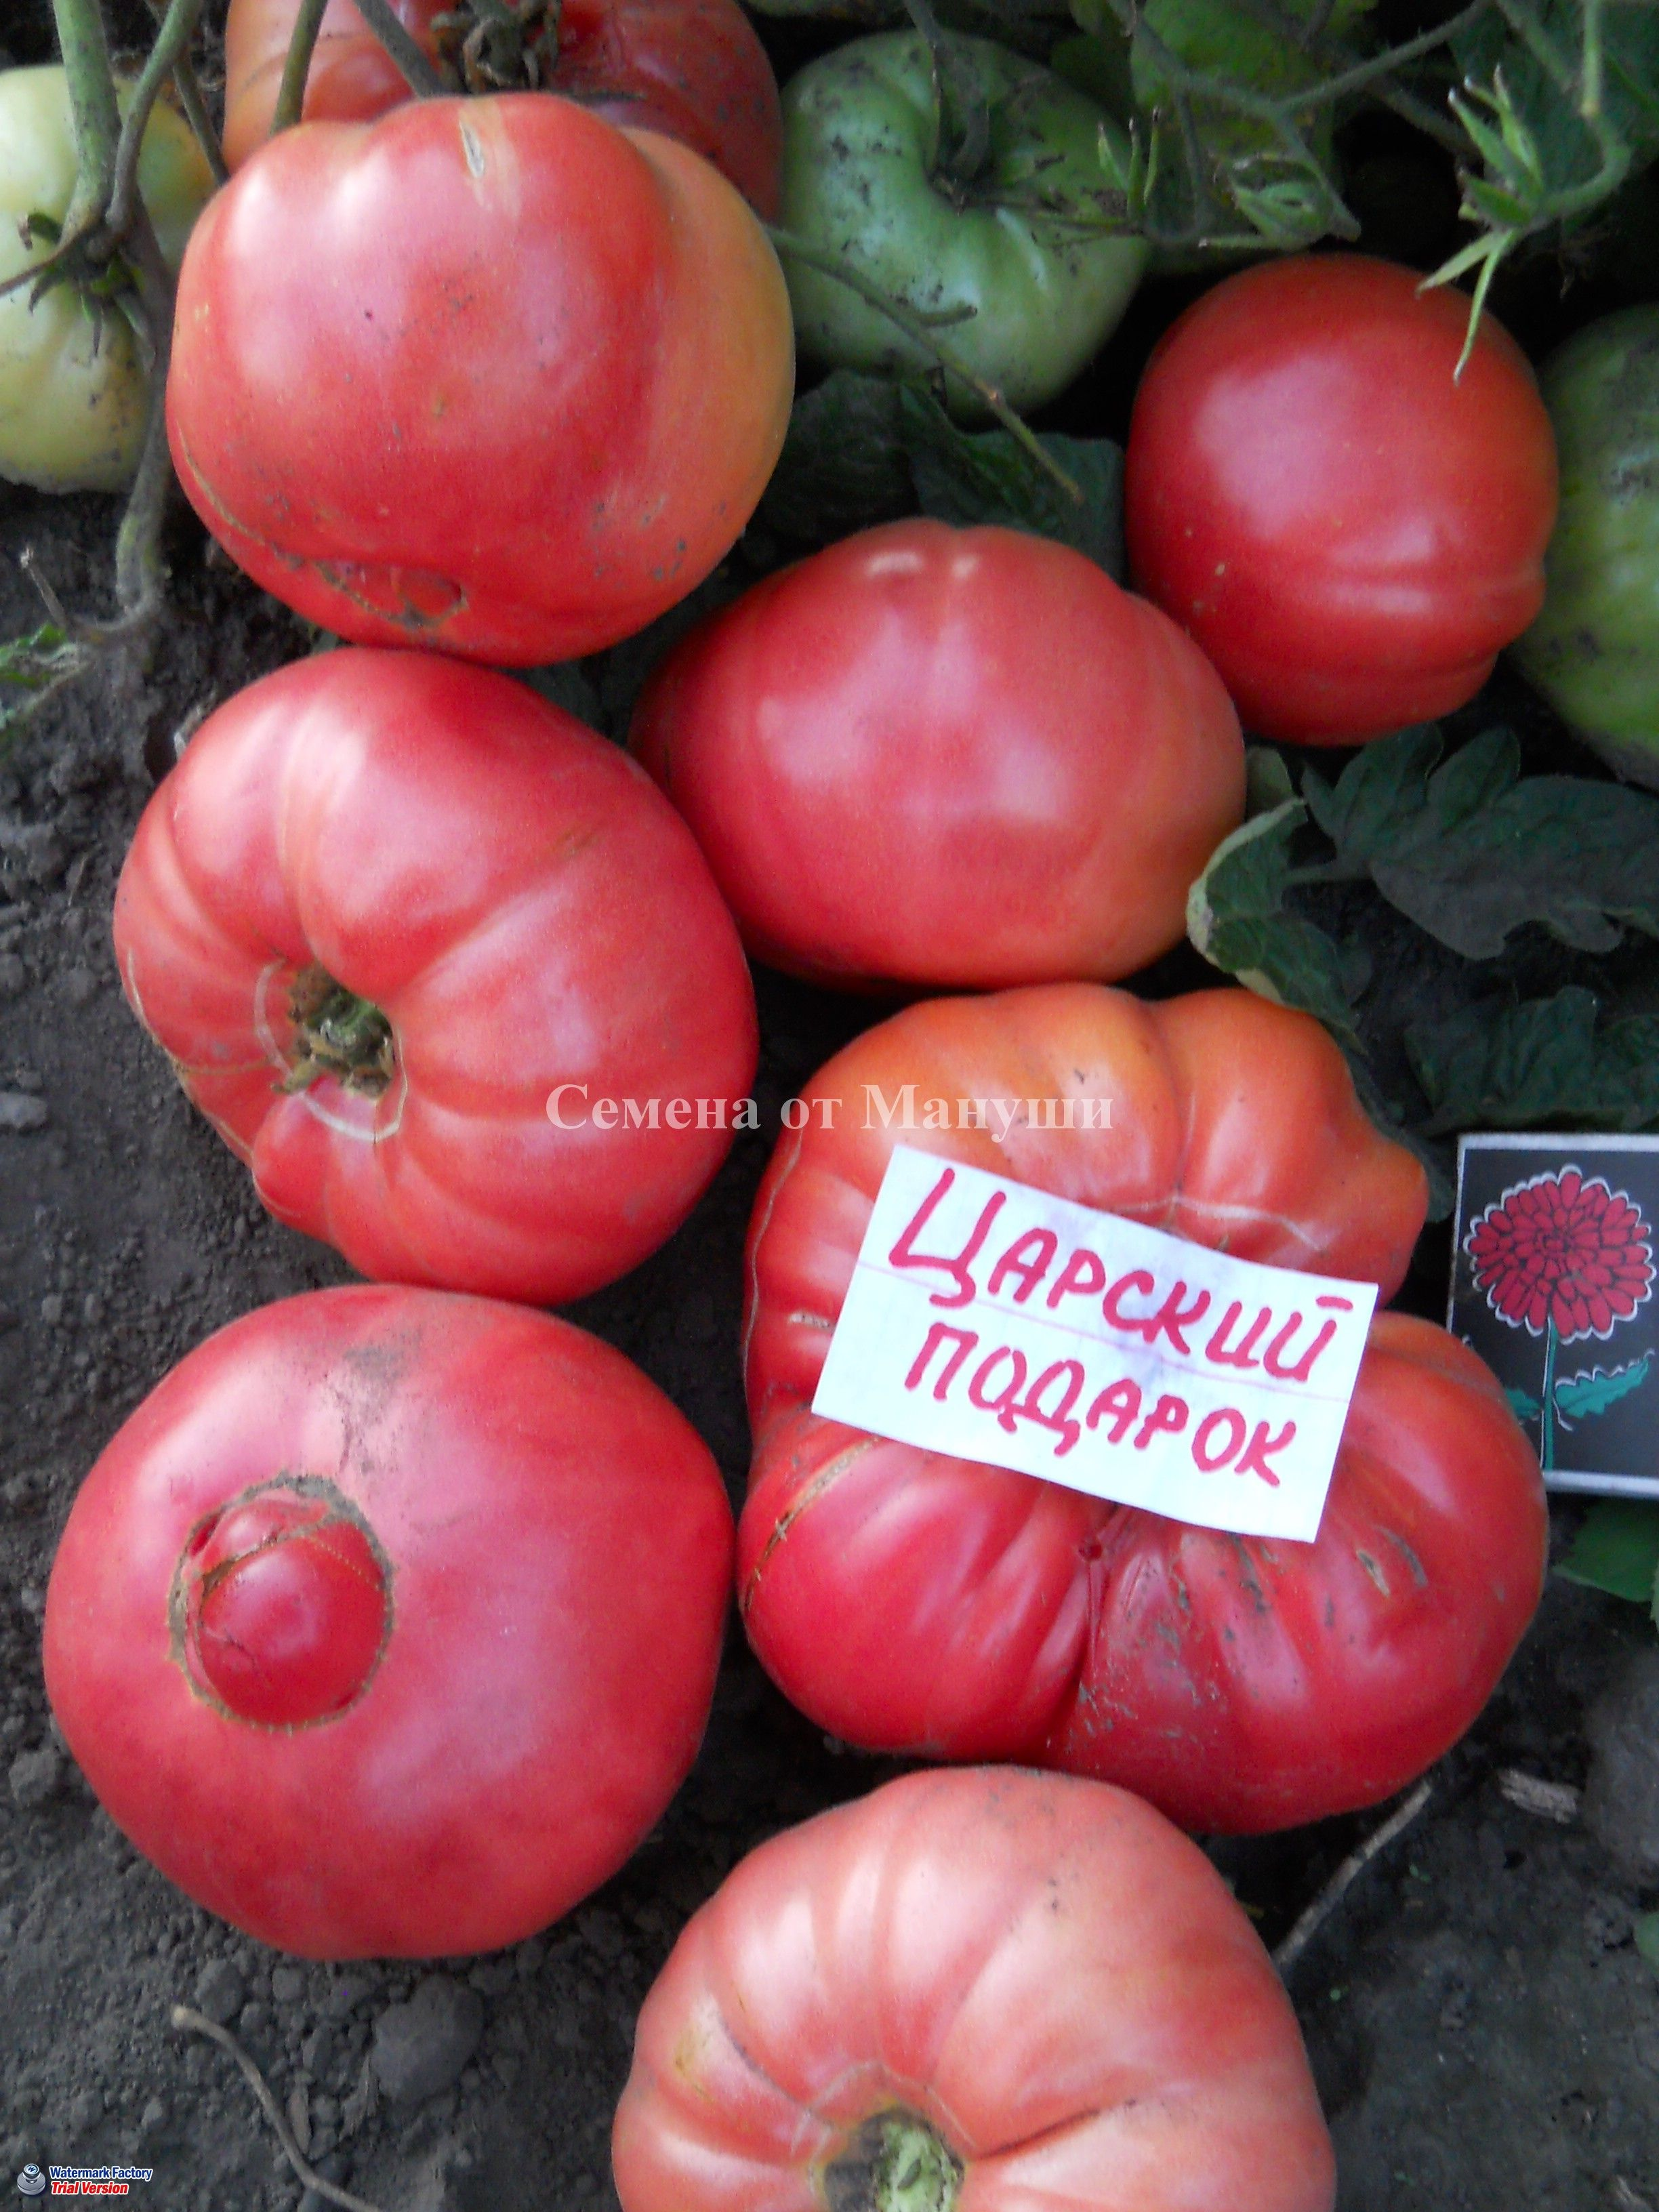 ювелирных изделий томат царский подарок отзывы и фото баварских